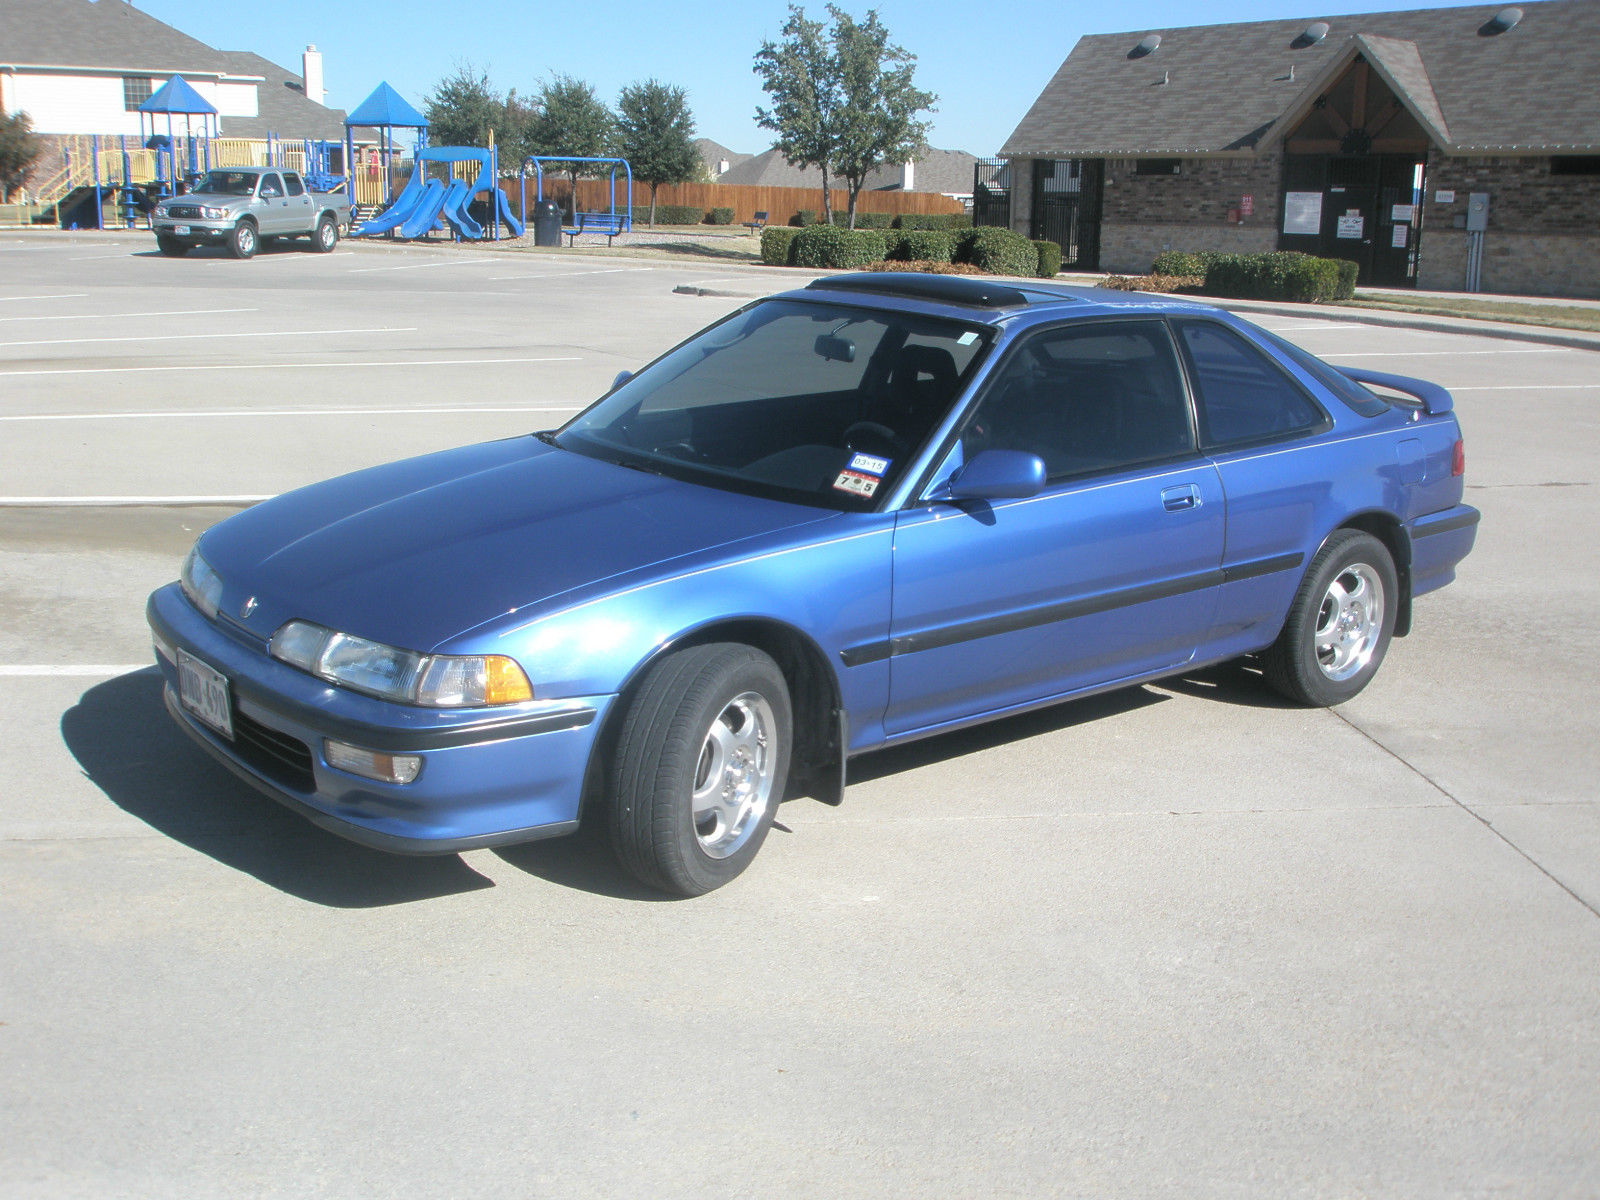 1992 Acura Integra LS Hatchback 3 Door 18L